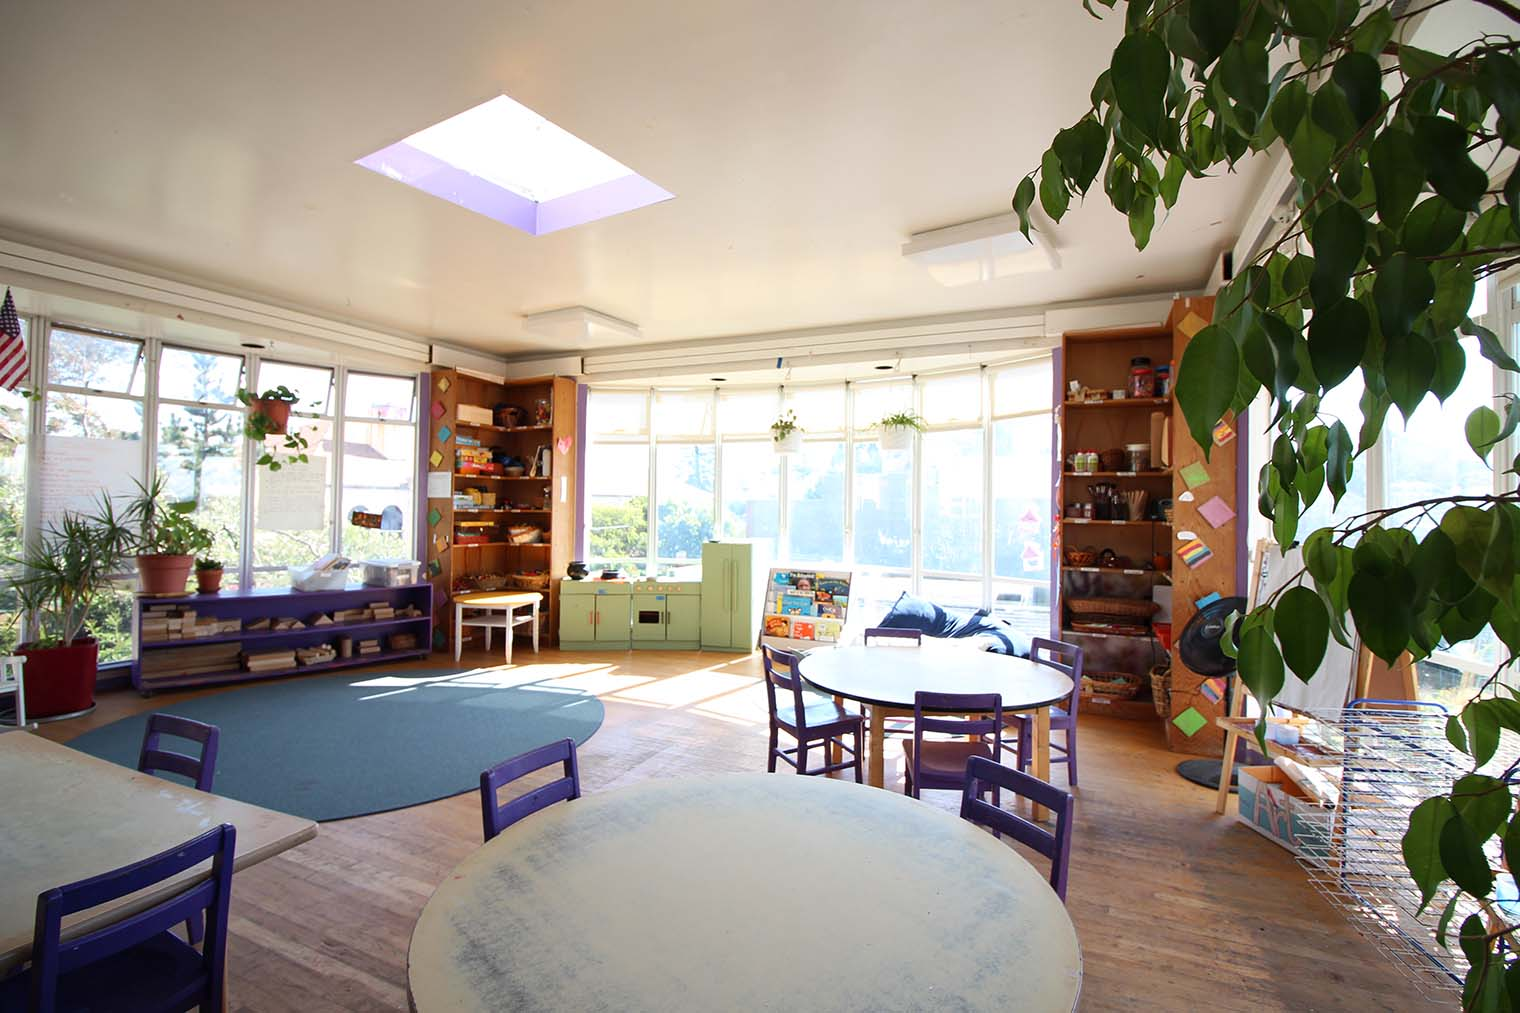 purple-room.JPG